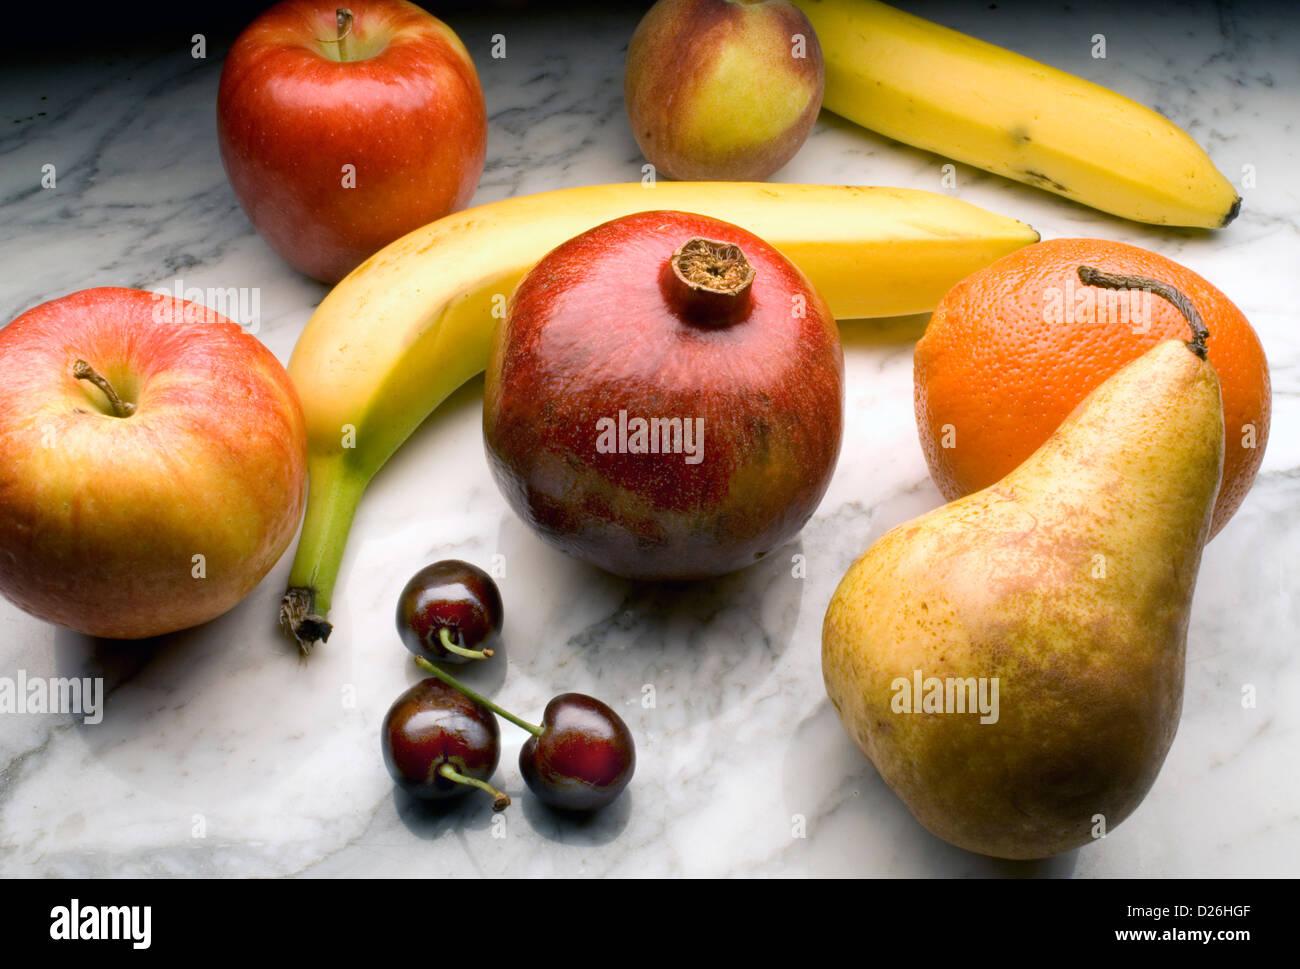 Obst auf Marmor Stockbild